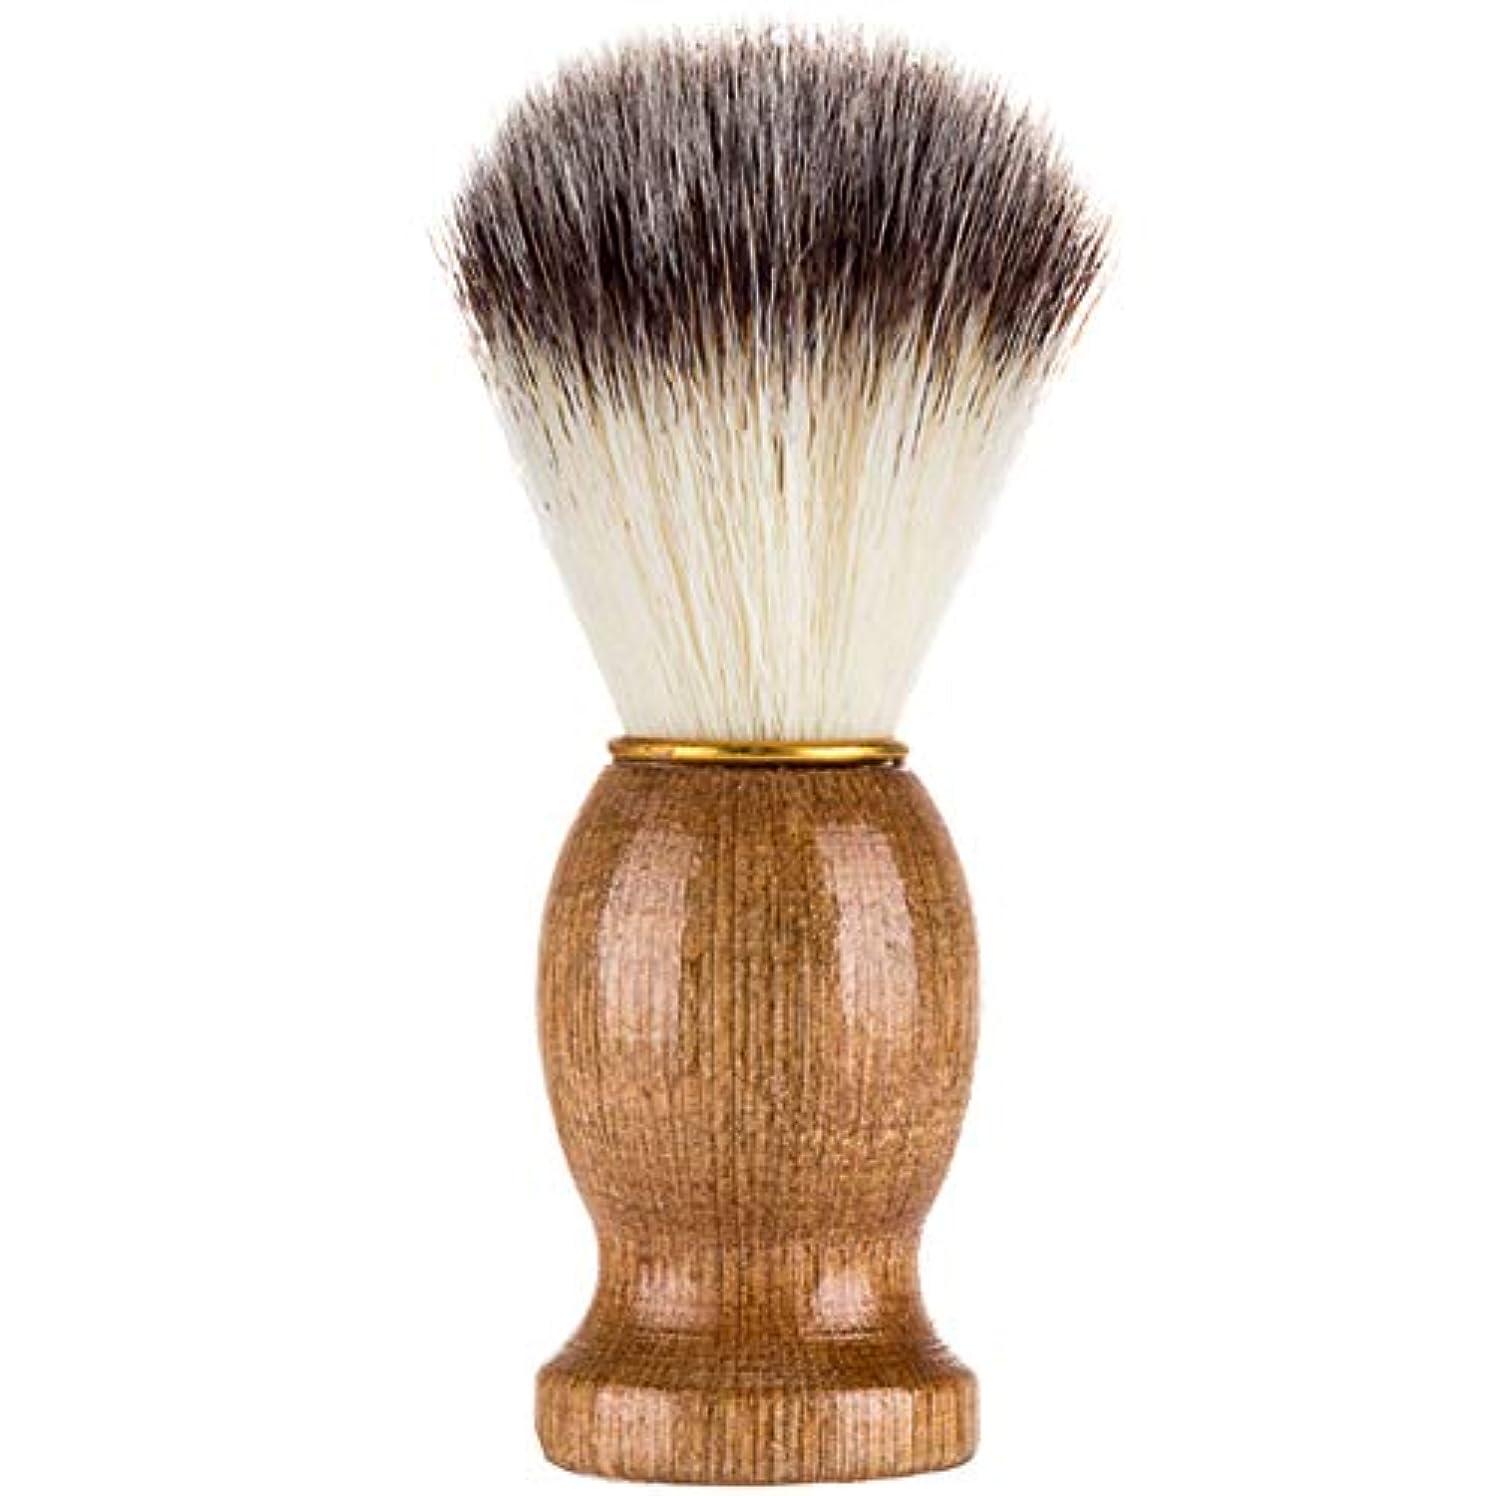 信者マイナー刈り取るTenflyer シェービングブラシ、シェービングブラシ、男性シェービングブラシシェービングかみそりブラシサロン理髪店用ツールひげ剃り用品